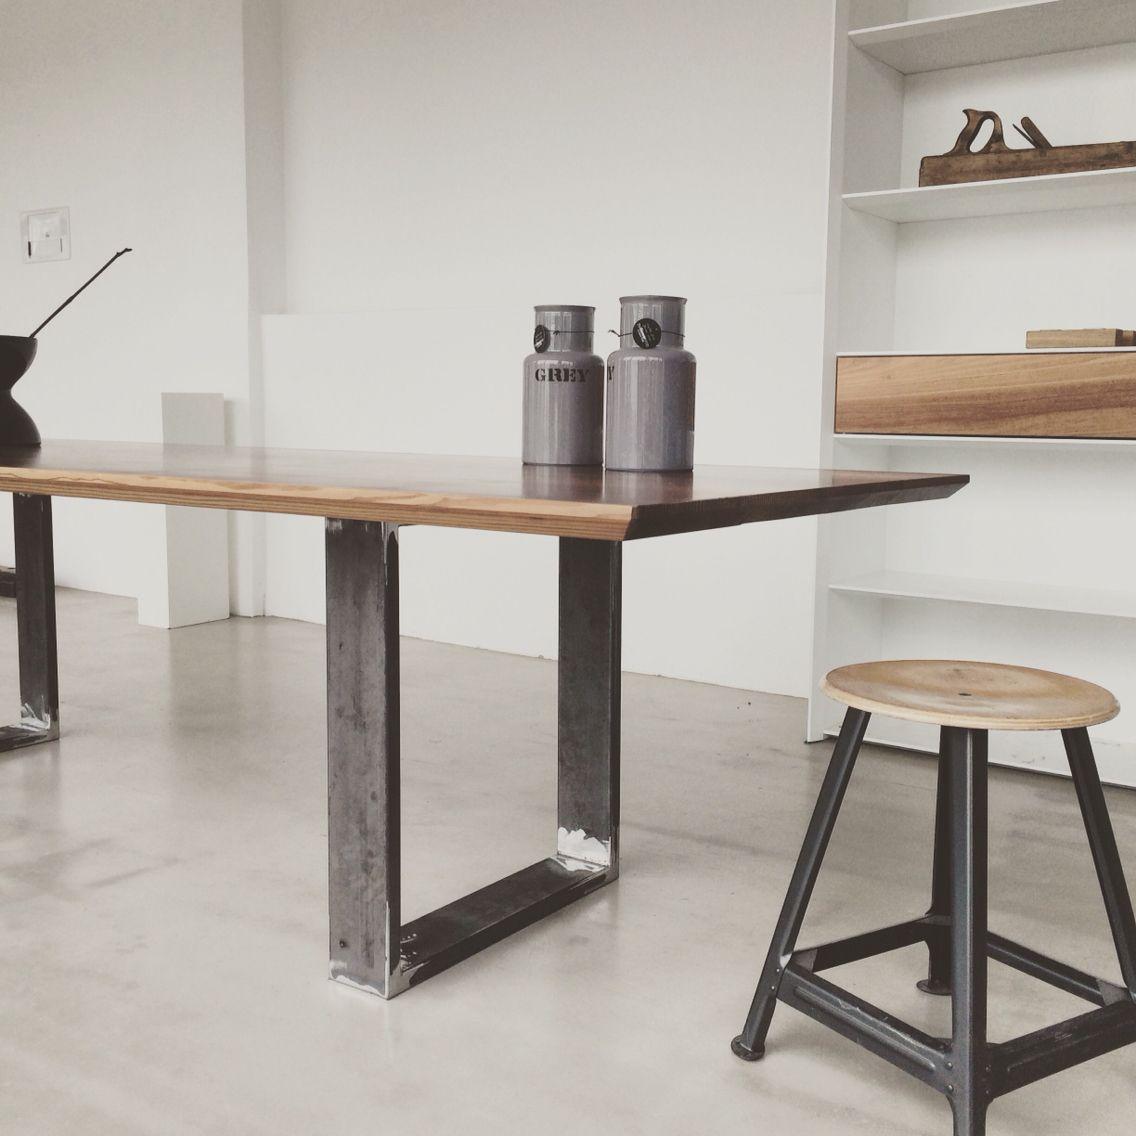 Handmade tisch in eiche oak mit metall gestell oak for Metall tische gunstig